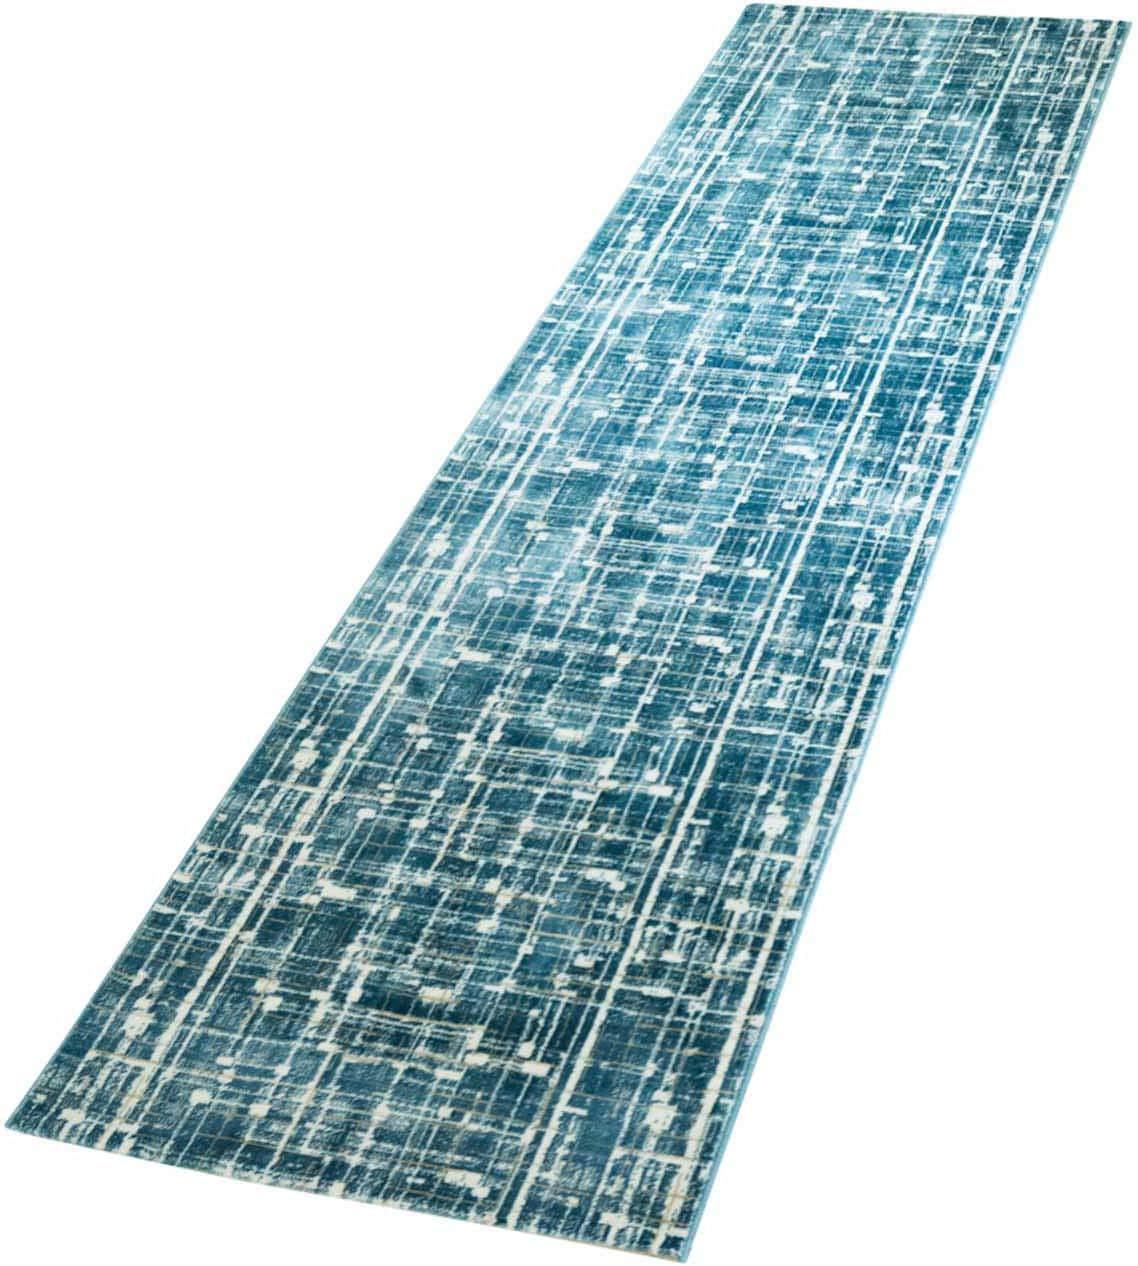 Läufer Showtime Carpet City rechteckig Höhe 10 mm maschinell gewebt